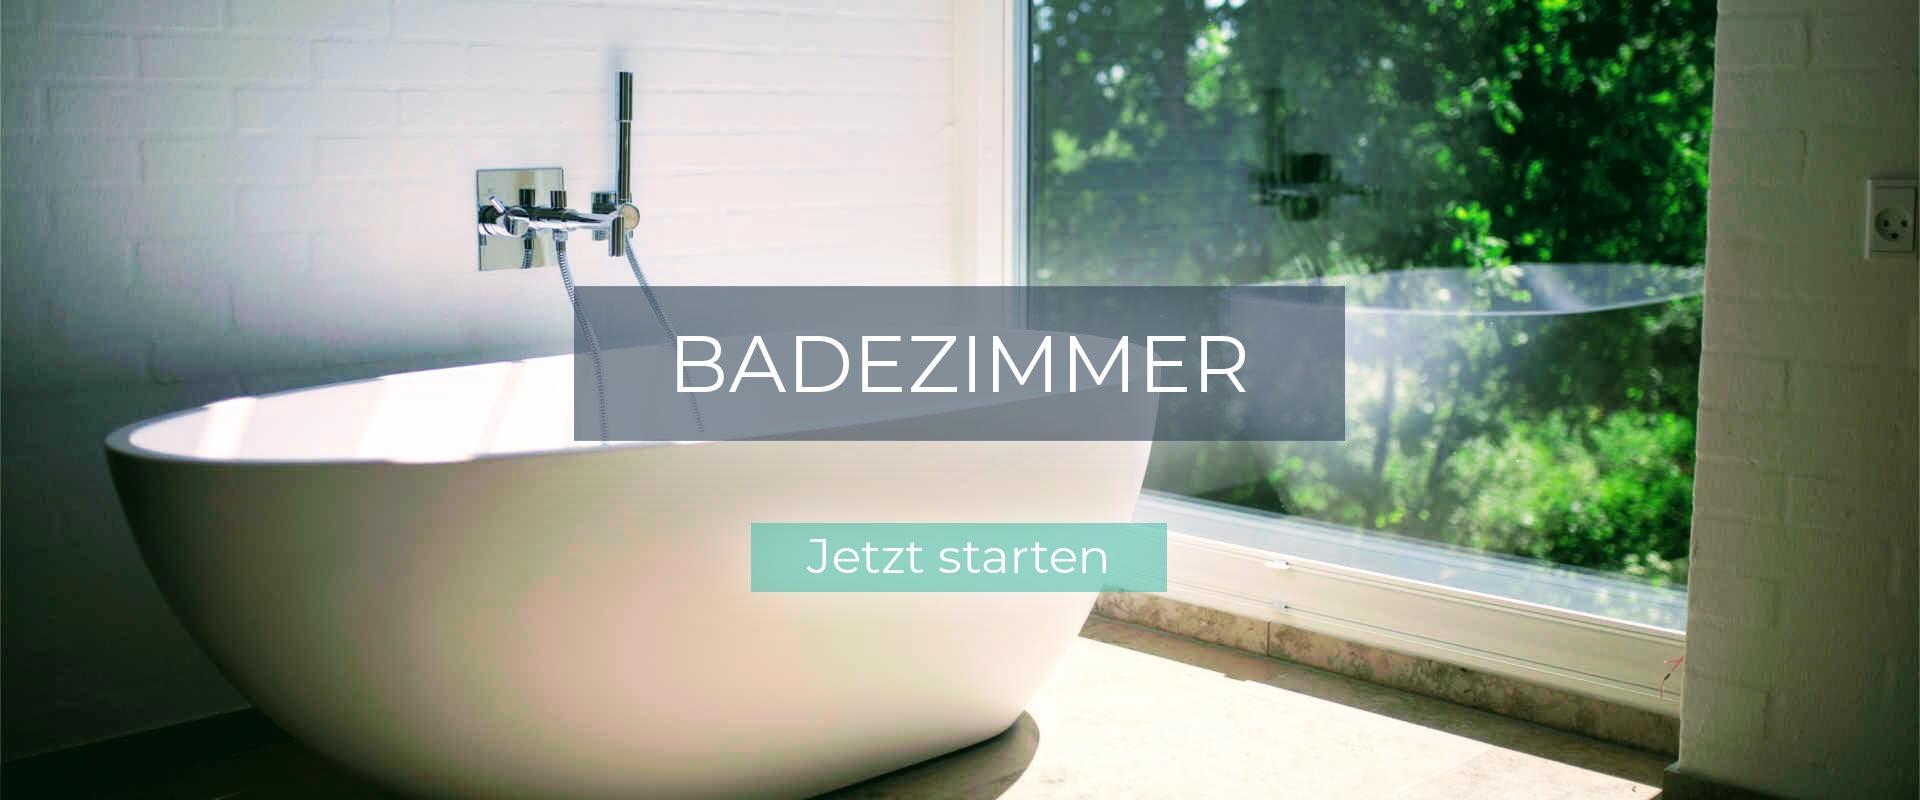 Badezimmer Slider desktop